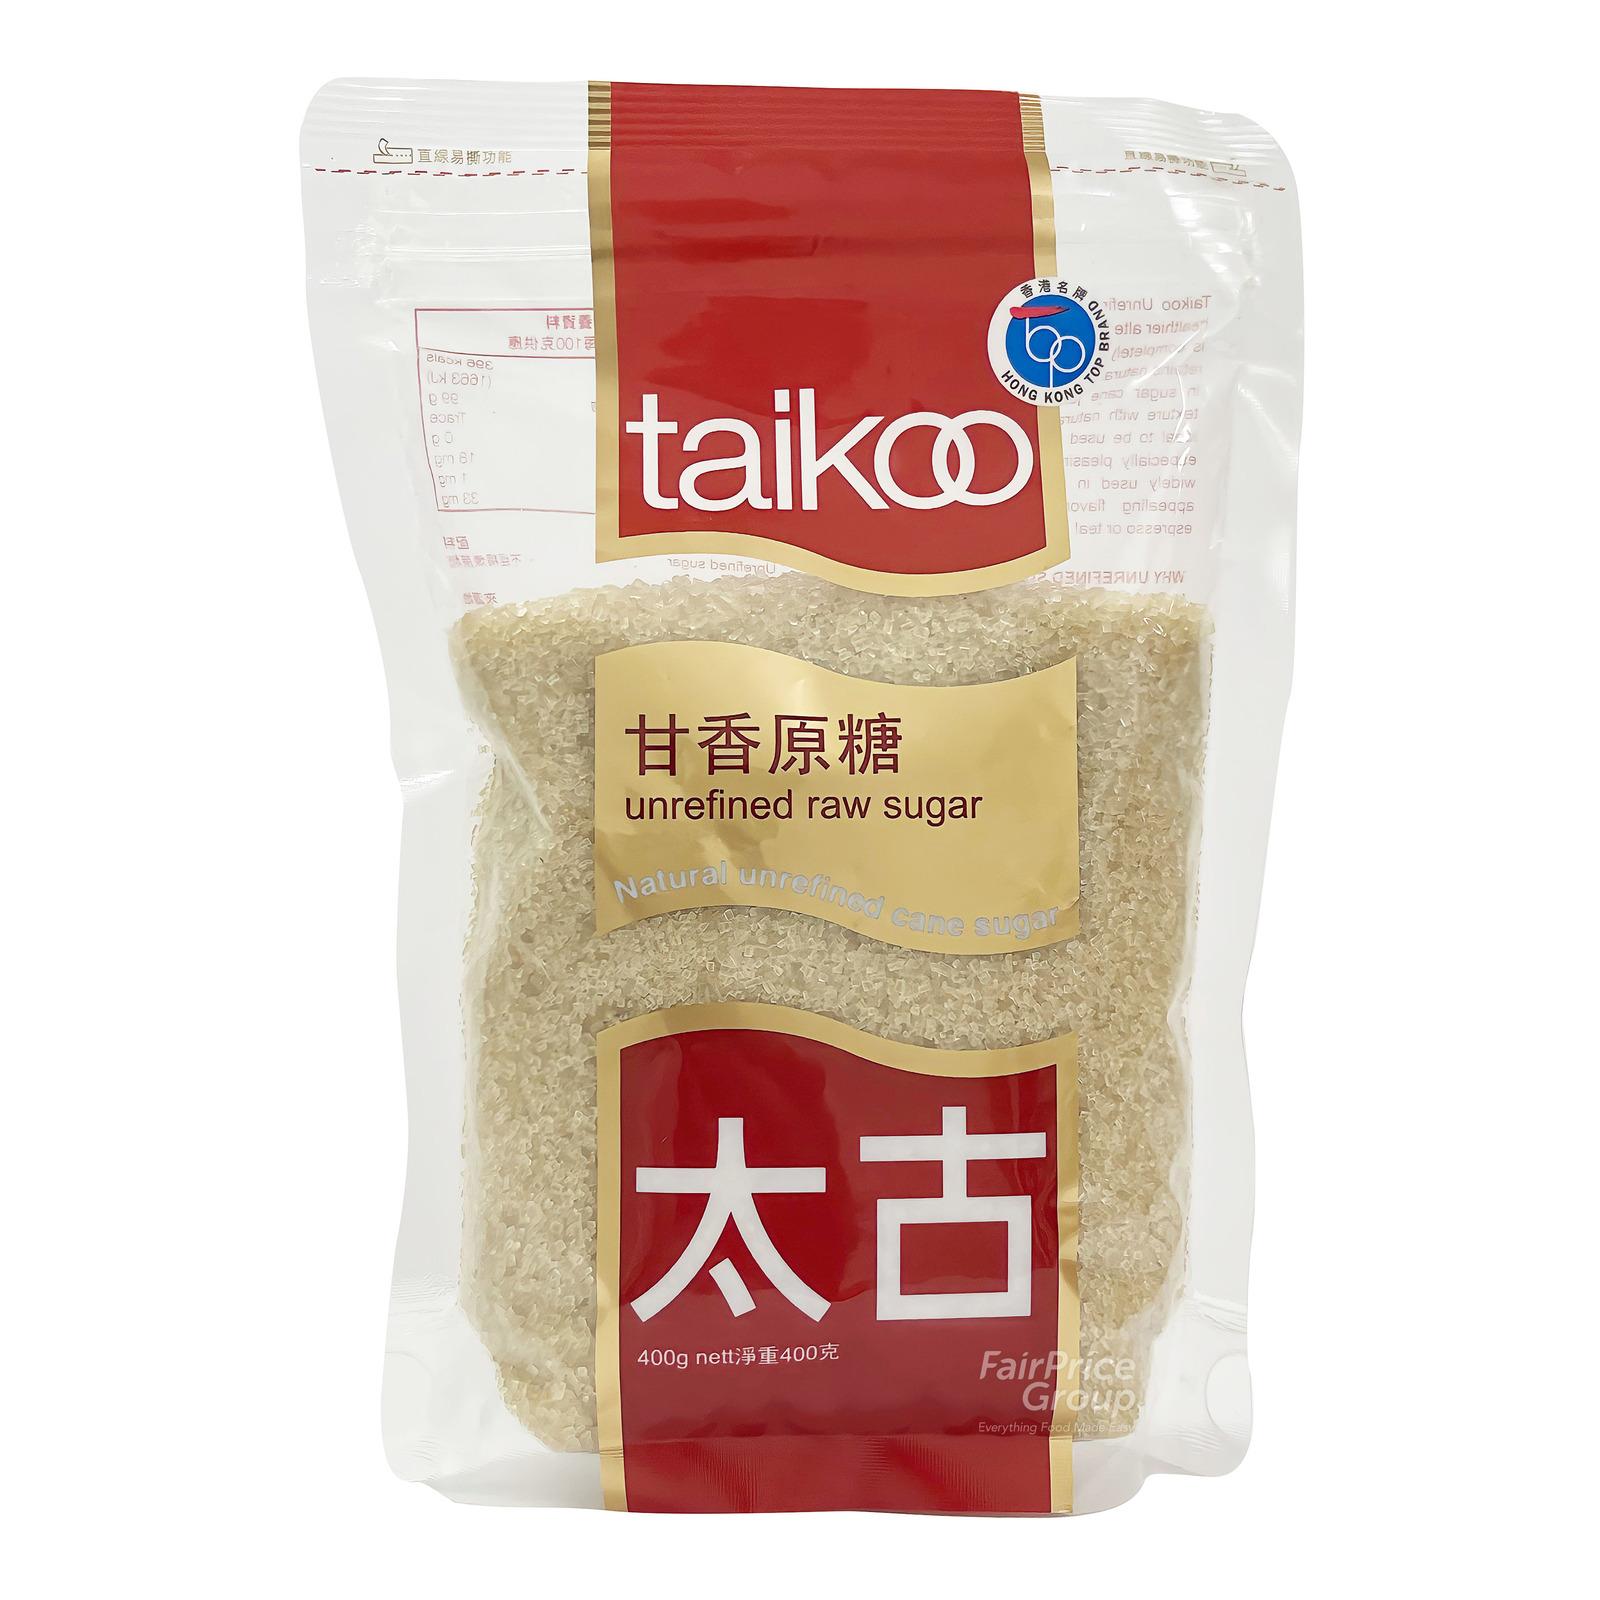 Taikoo Unrefined Cane Sugar - Raw